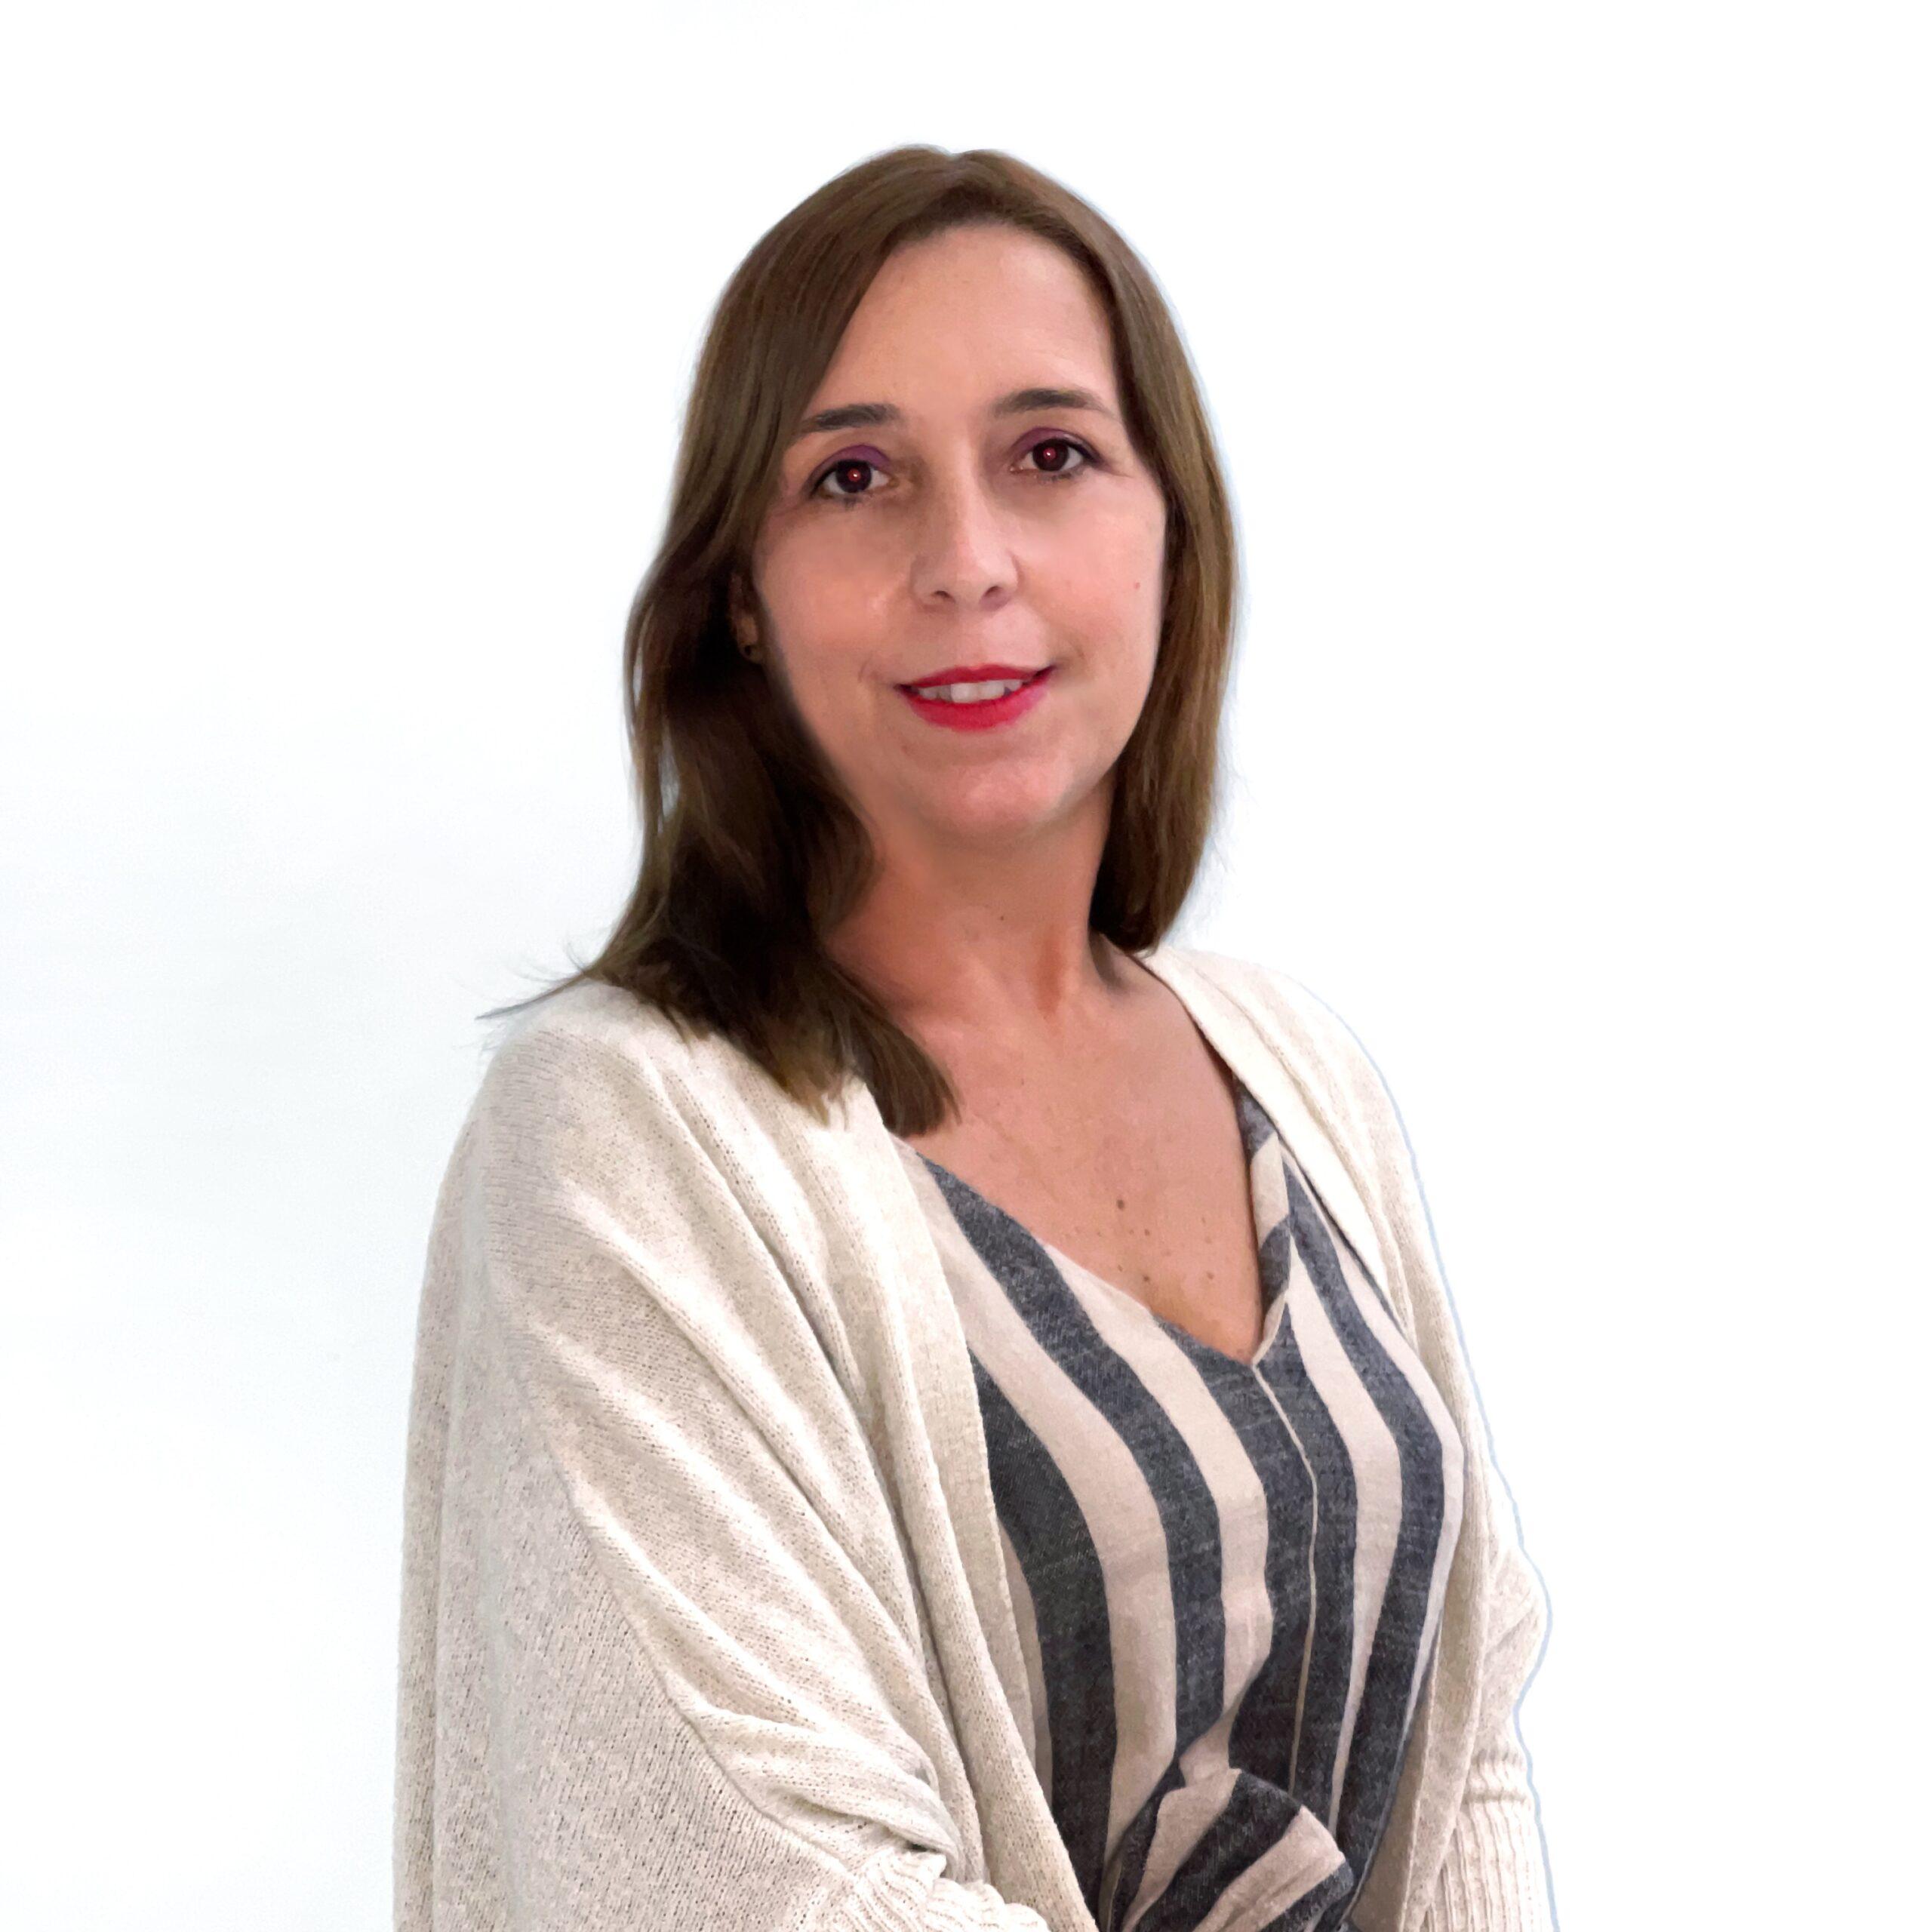 Carla da Silva